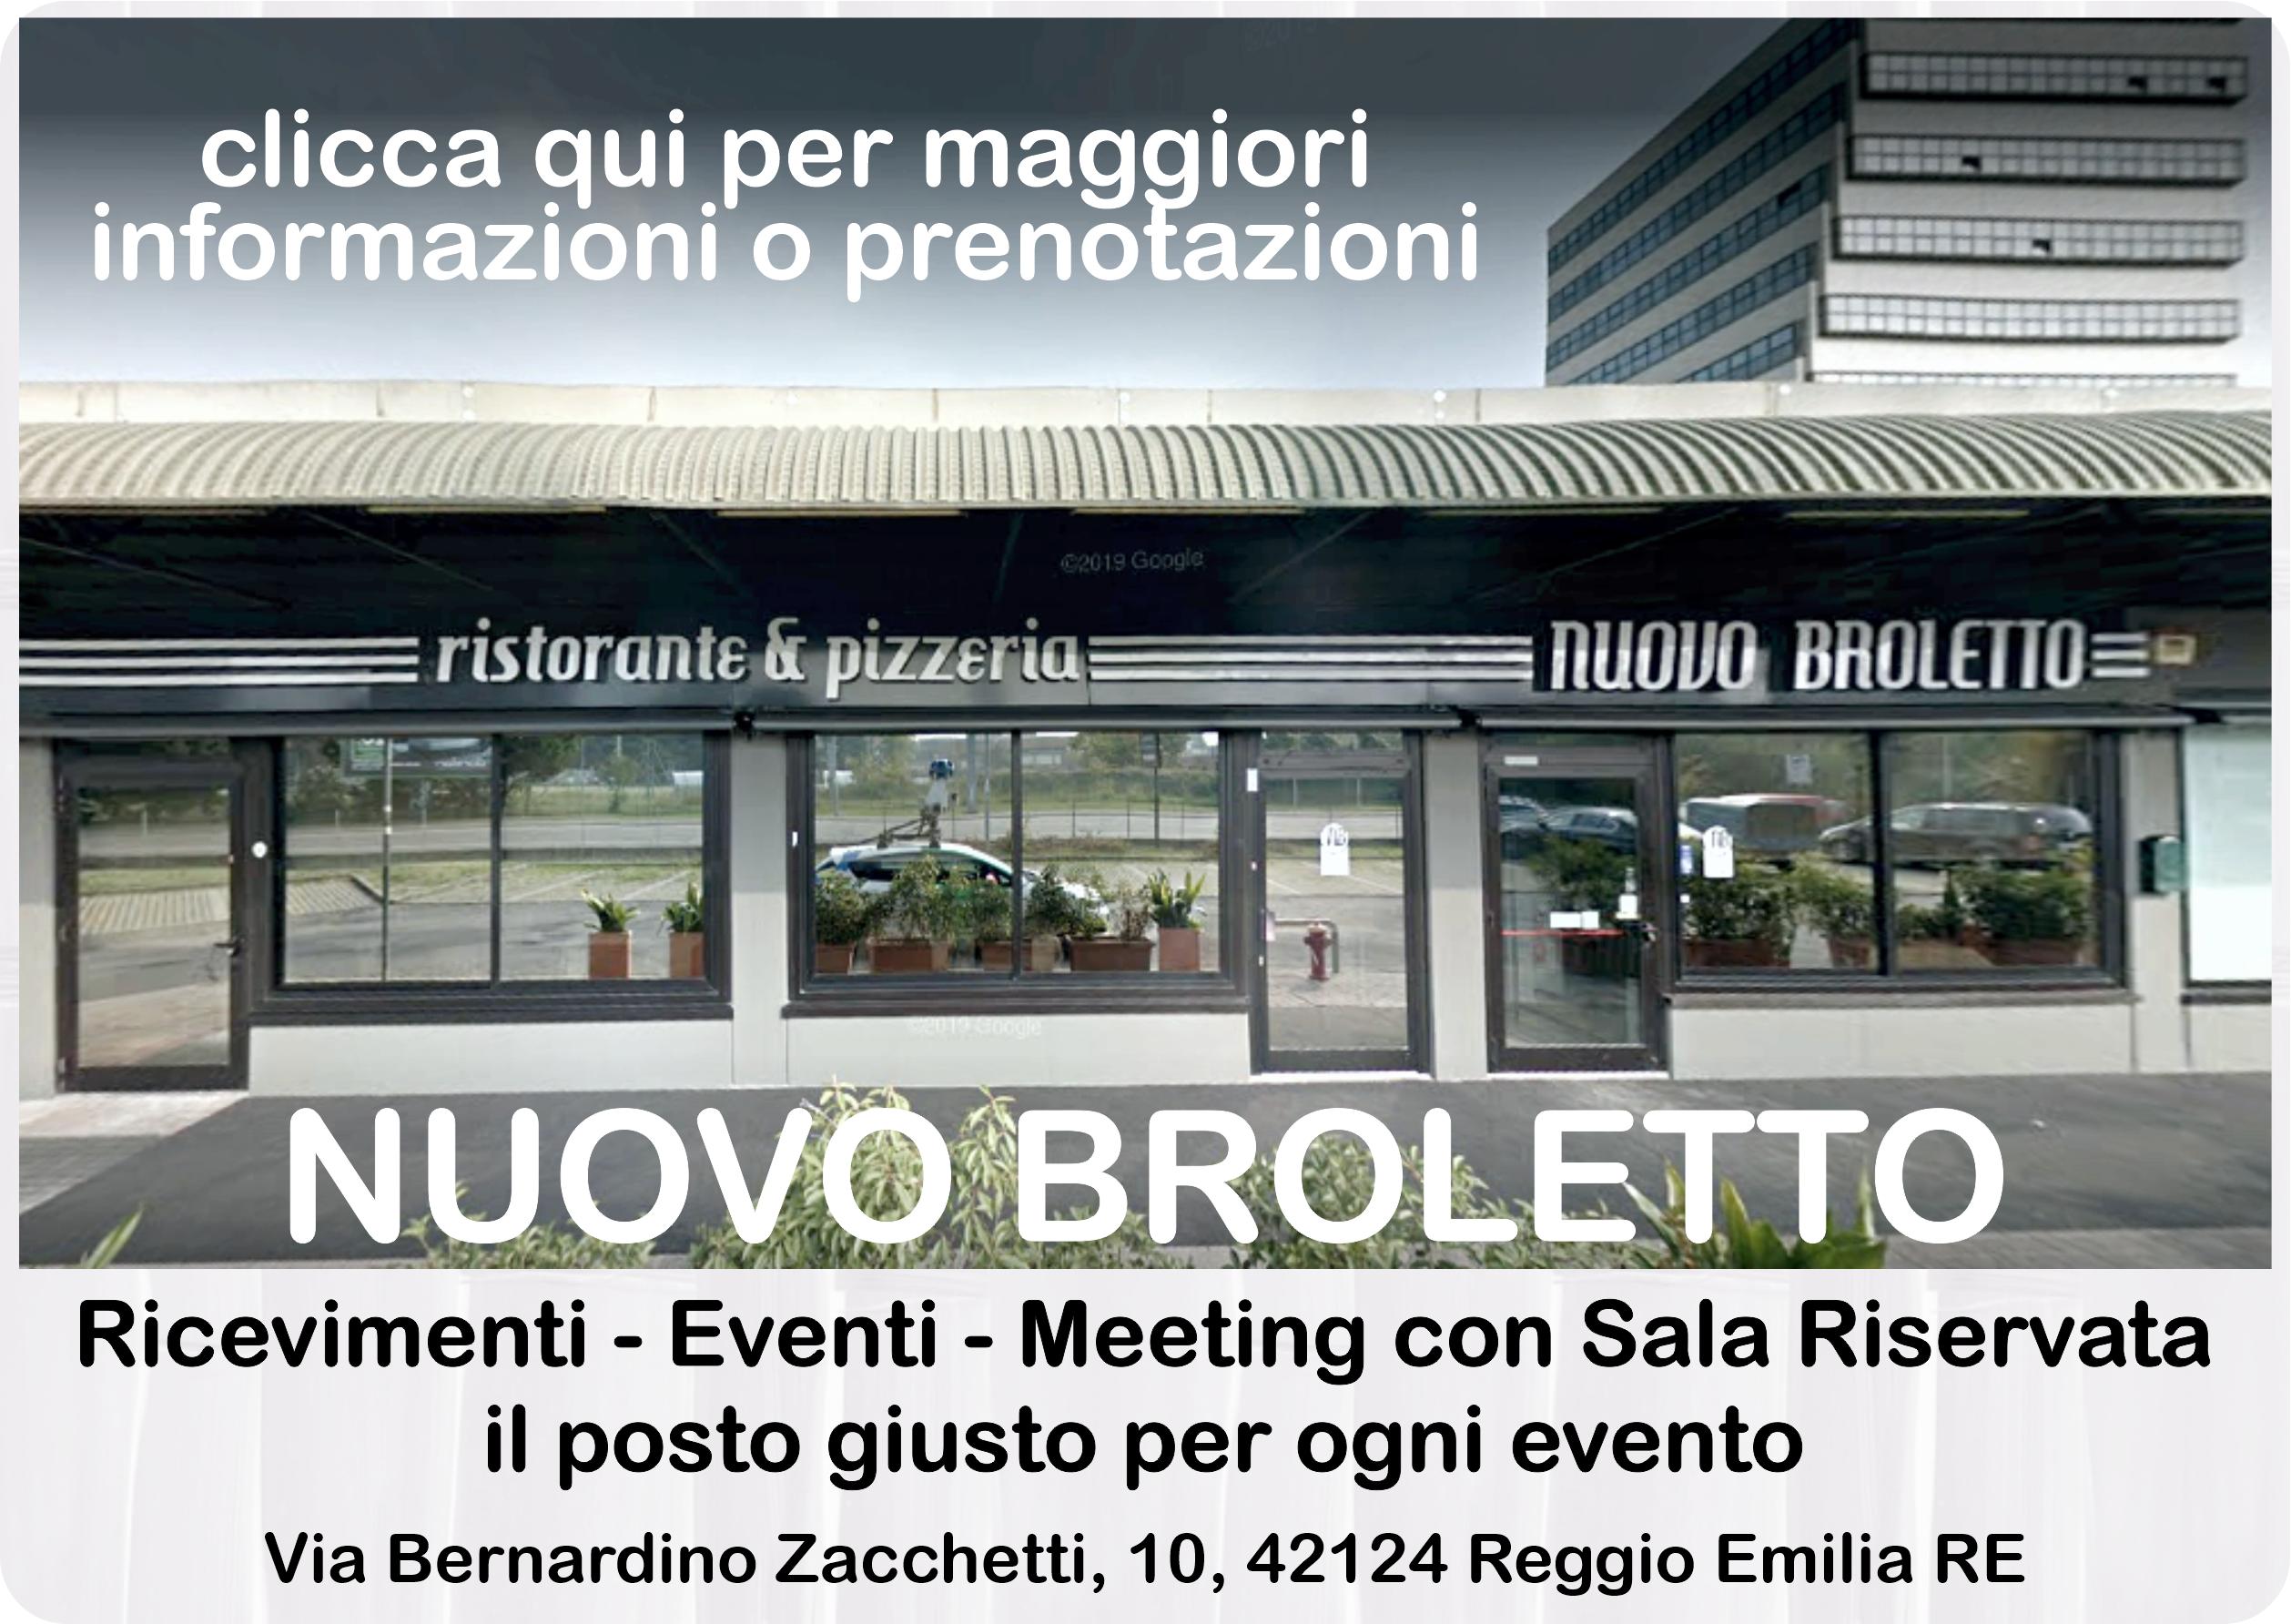 01 - Nuovo Broletto